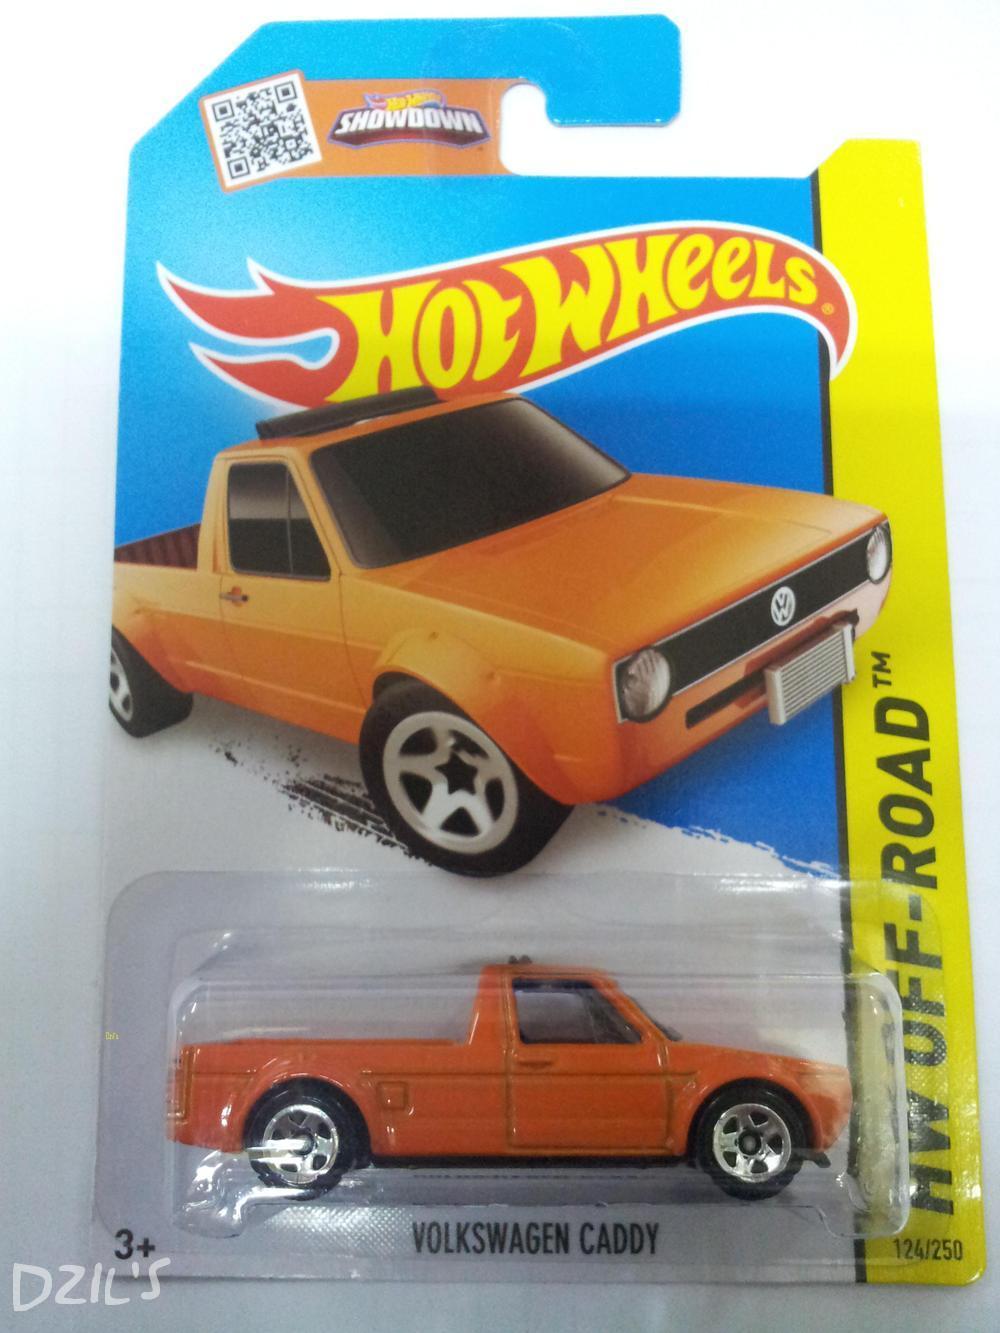 Volkswagen caddy hot wheels wiki